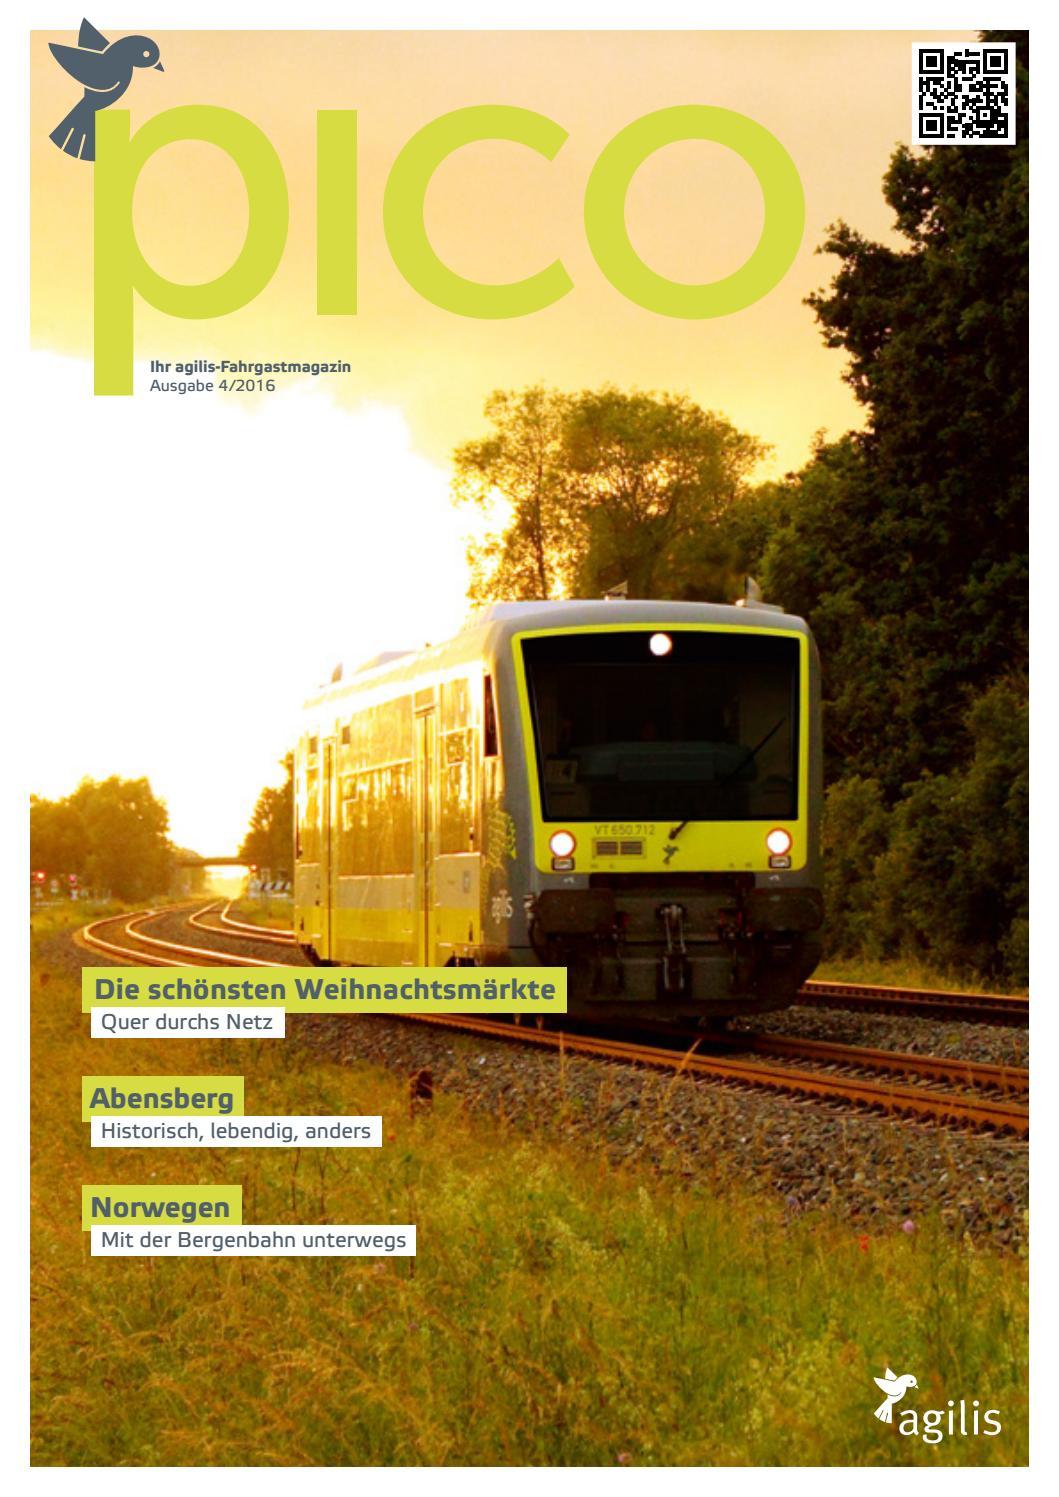 Agilis magazin pico 42016 by agilis issuu